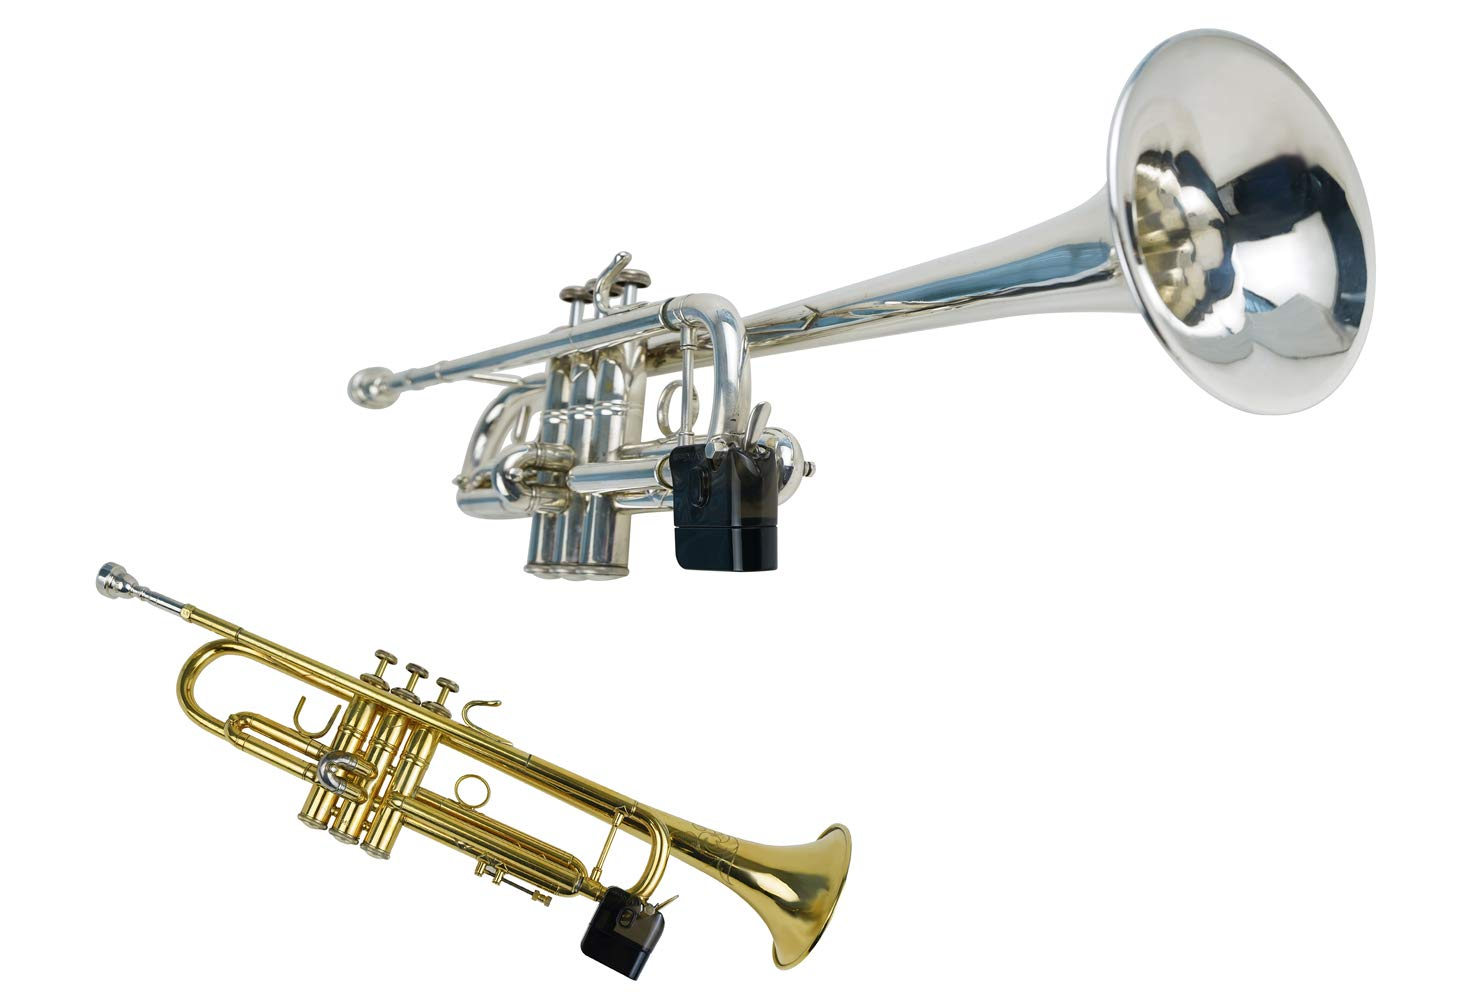 WindSorb | spit absorber & container (5Hr Model for Trumpet)